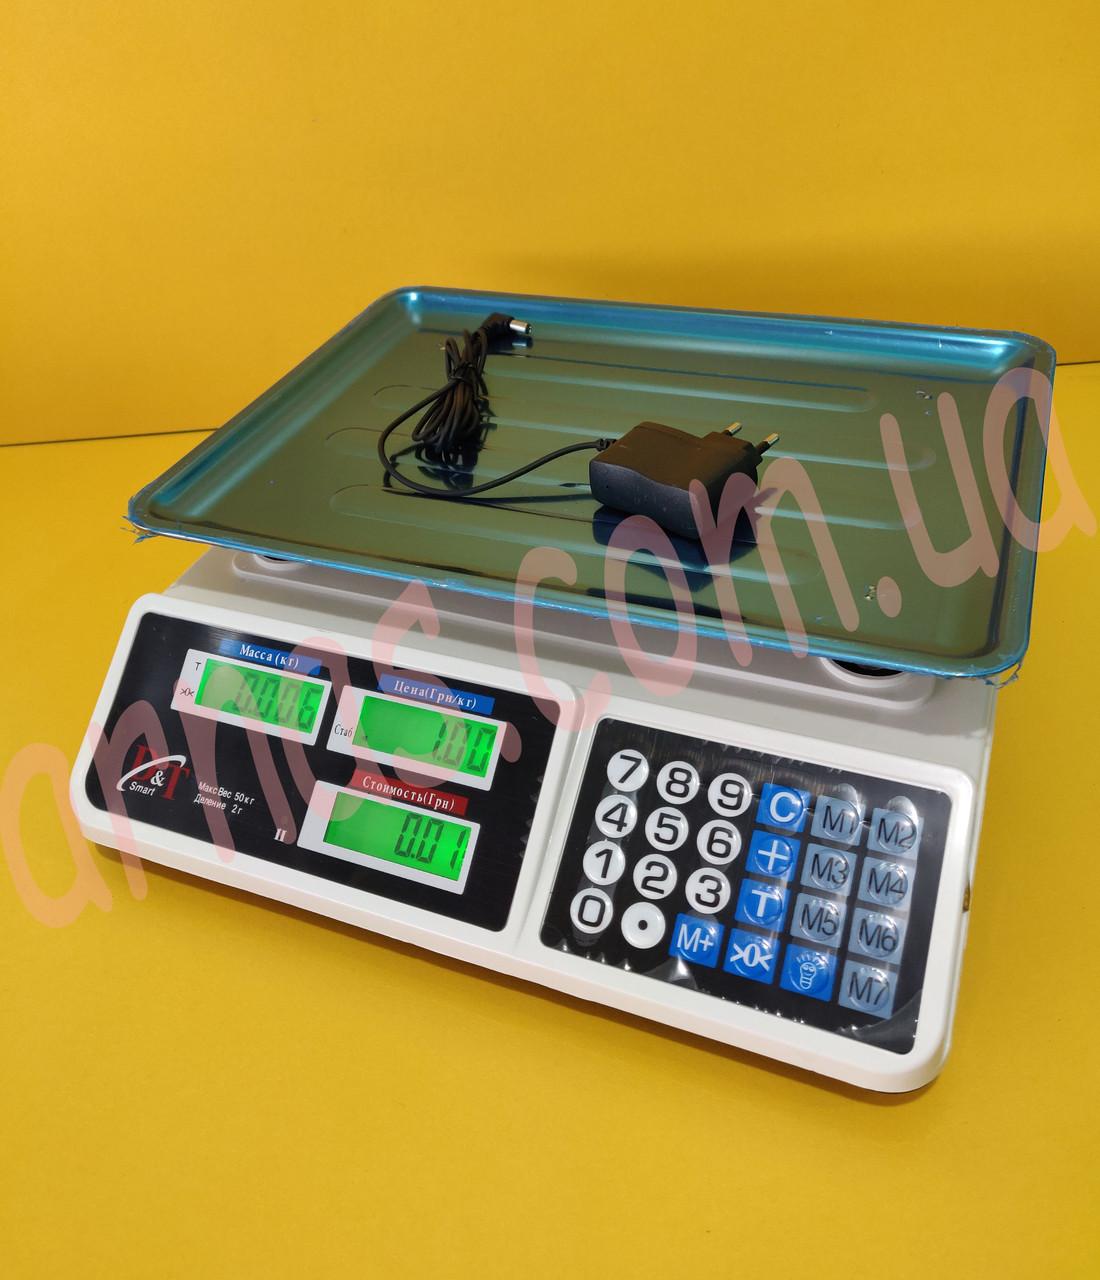 Ваги торгові електронні DT smart 809 до 50кг, поділ 2г